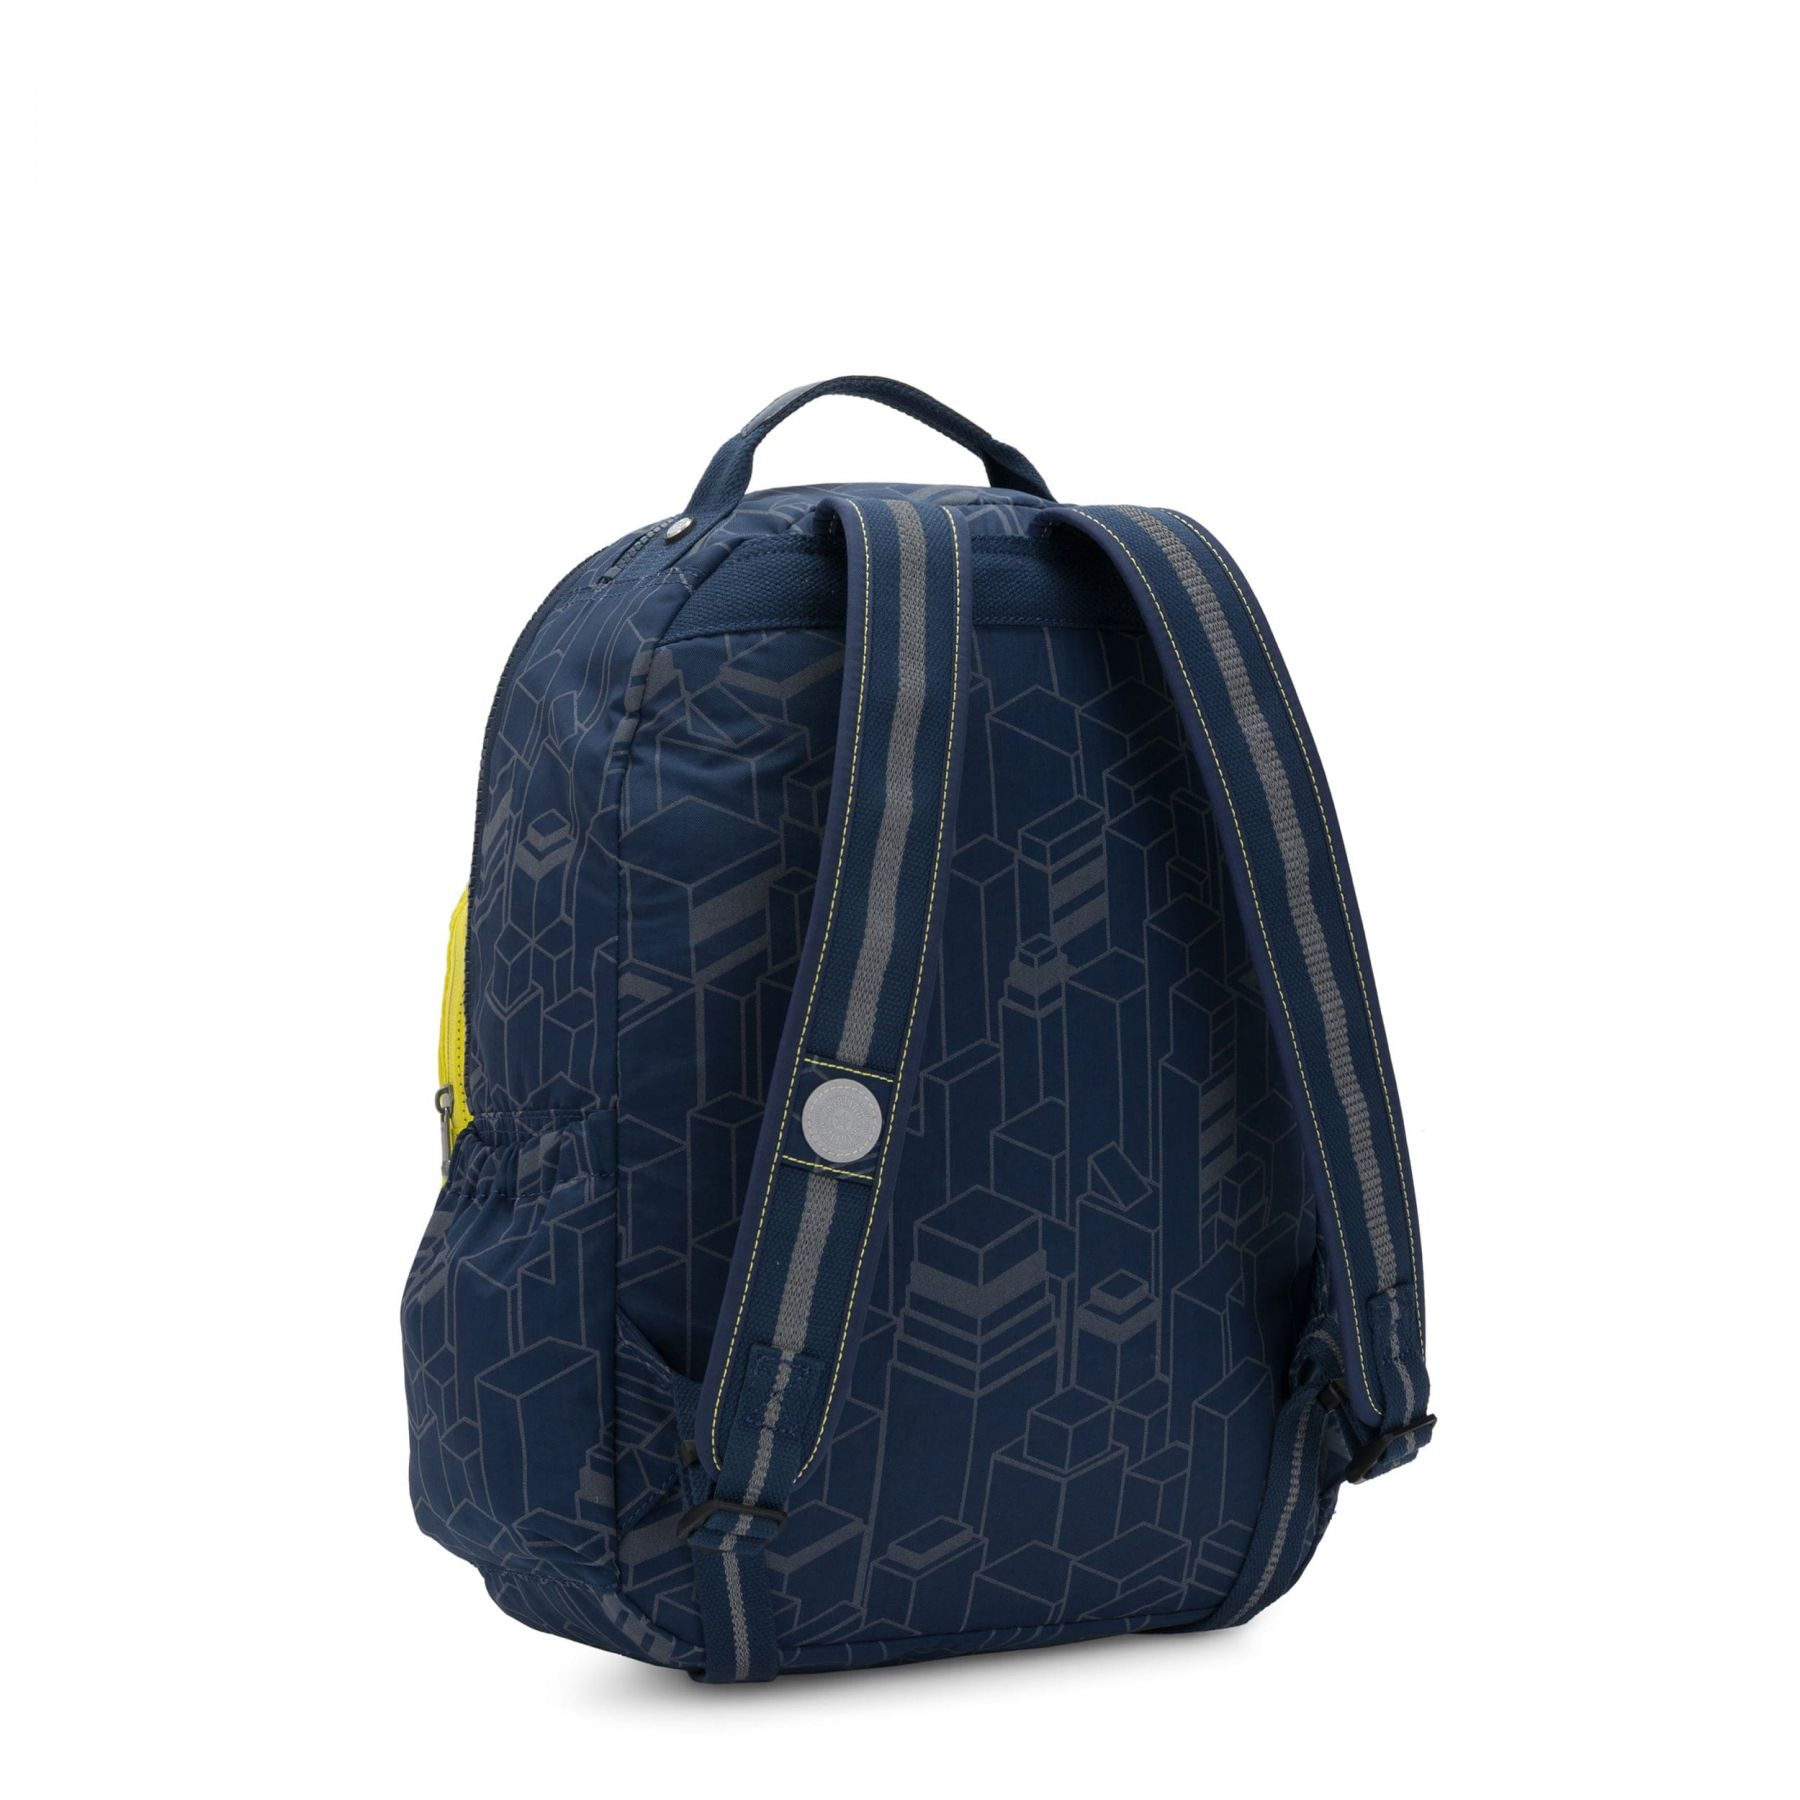 SEOUL SWITCH SCHOOL BAGS by Kipling